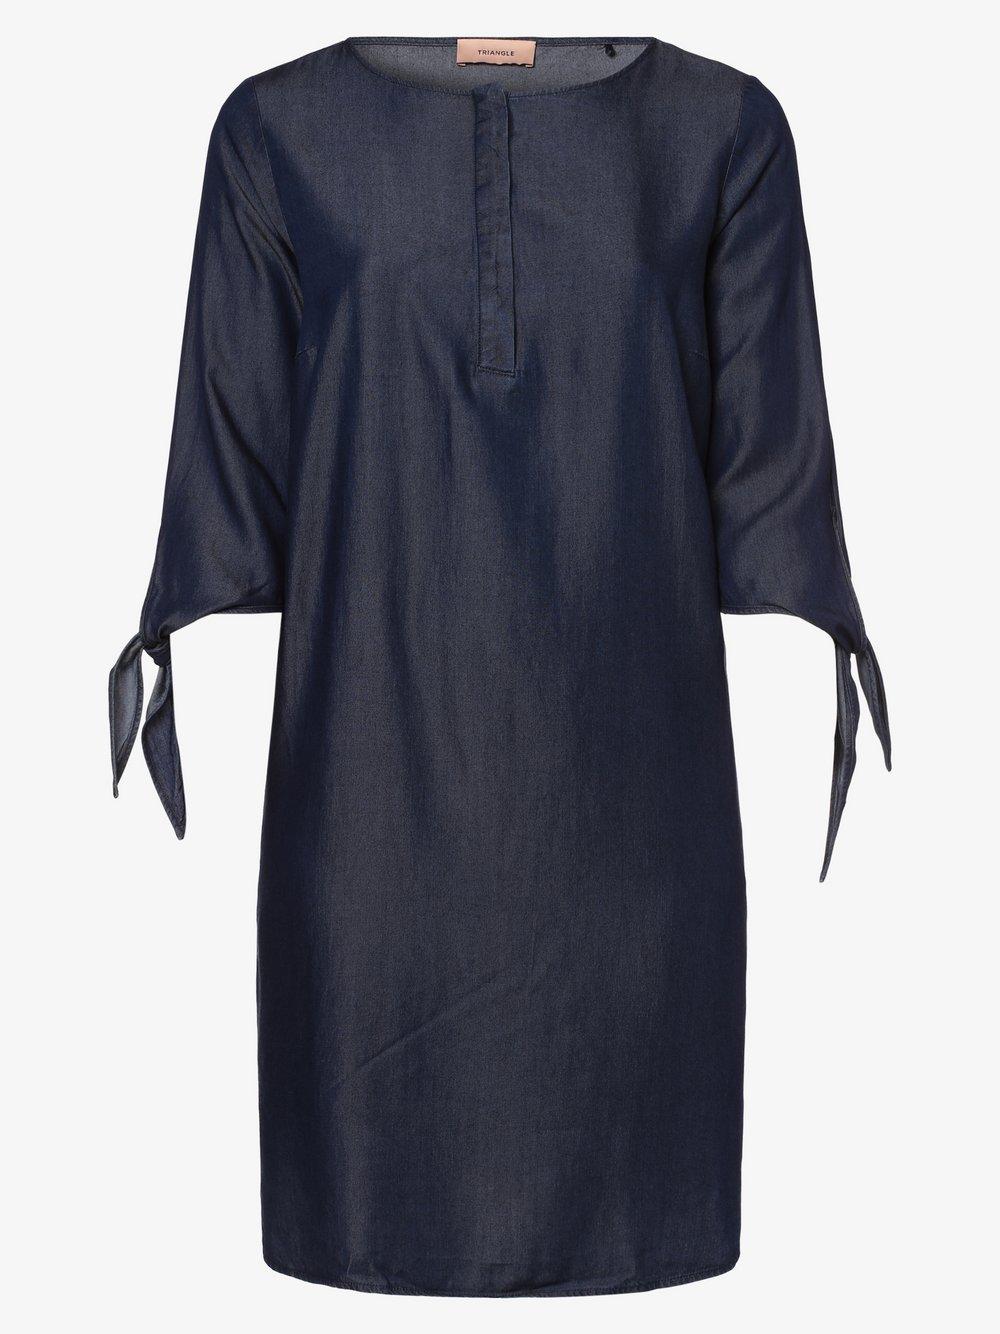 TRIANGLE - Sukienka damska, wielokolorowy